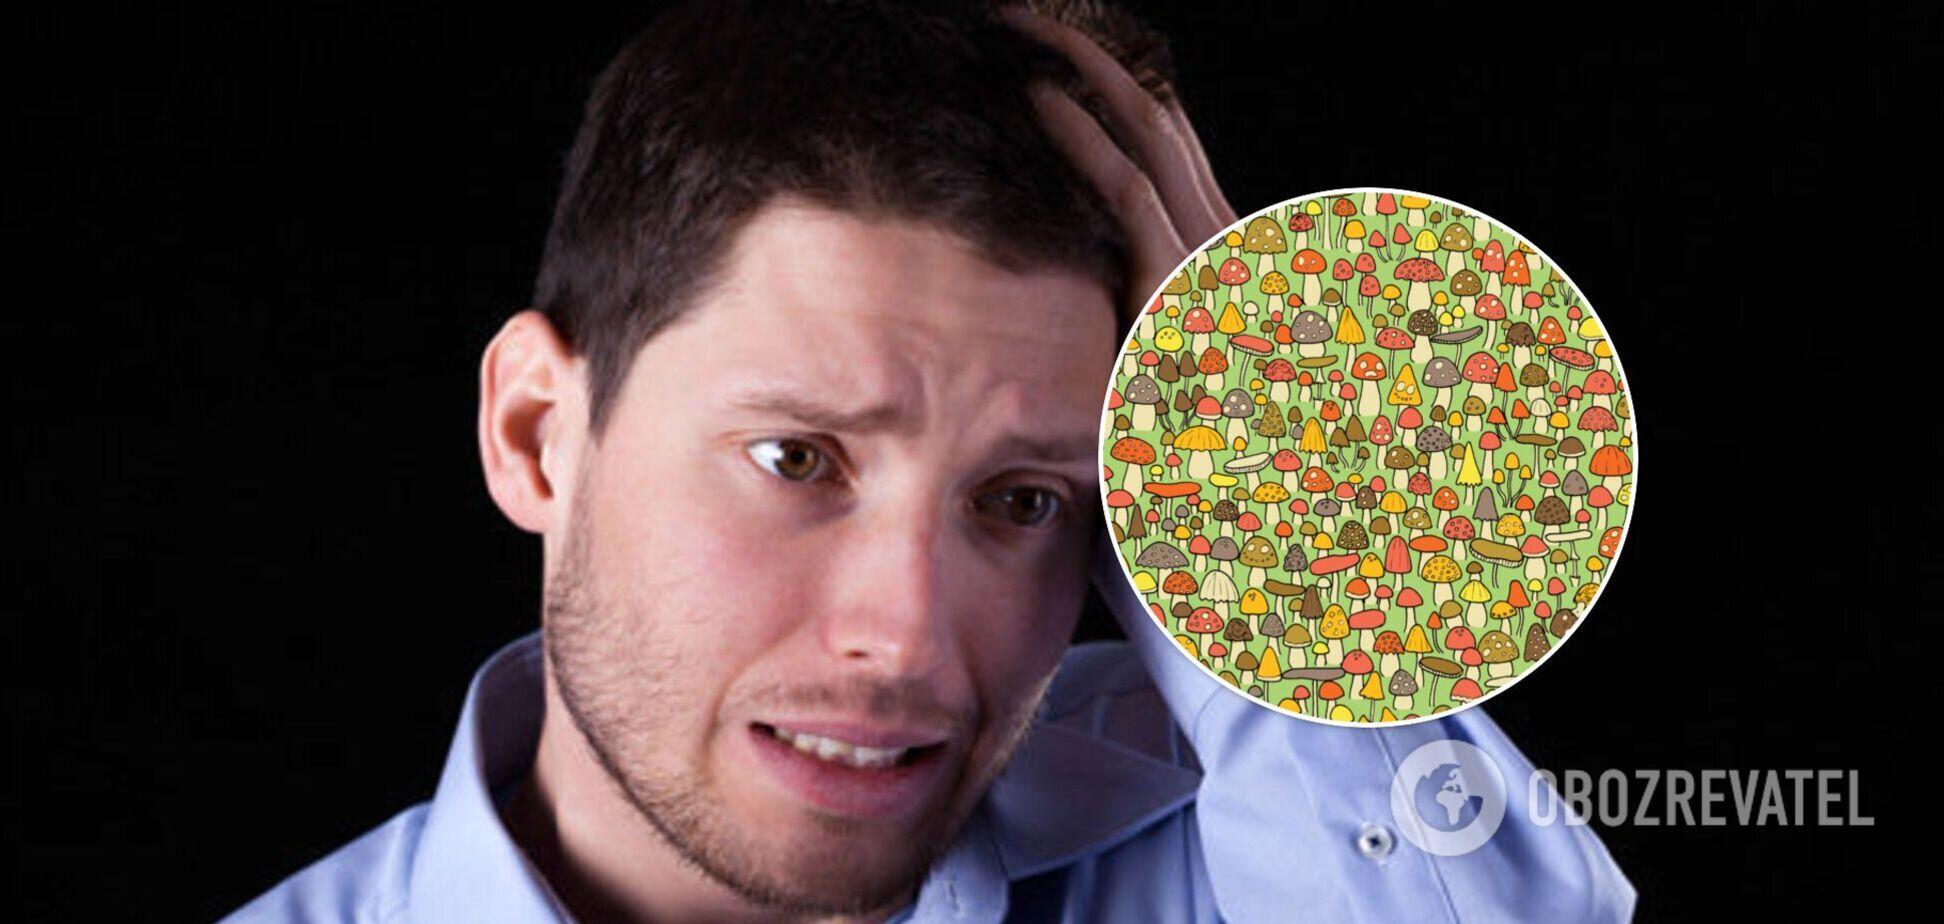 Картинка з мишкою серед грибів 'зламала' мозок користувачам у мережі